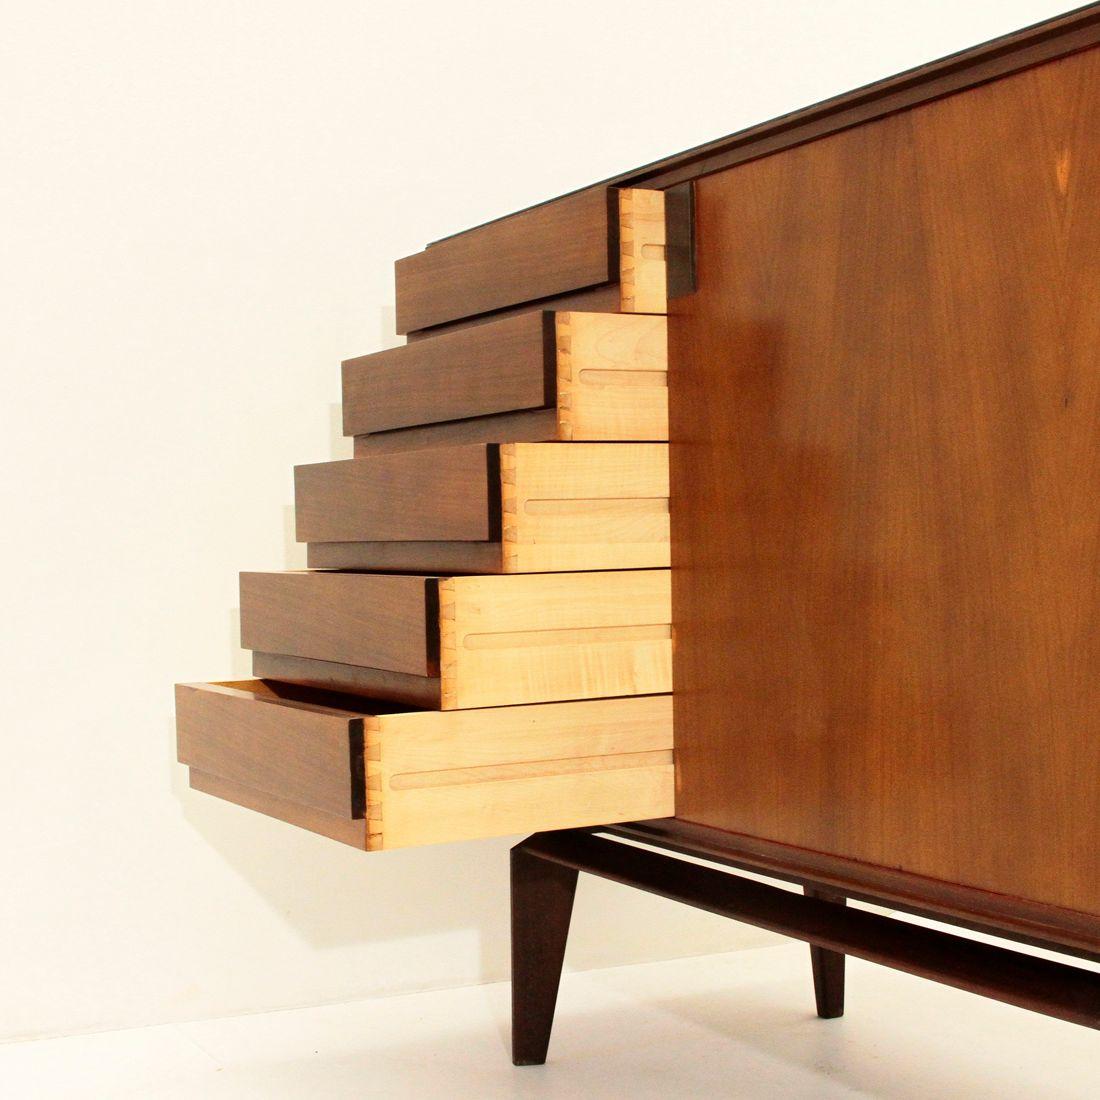 Palisander sideboard by edmondo palutari for dassi 1950s for Sideboard 3 meter lang